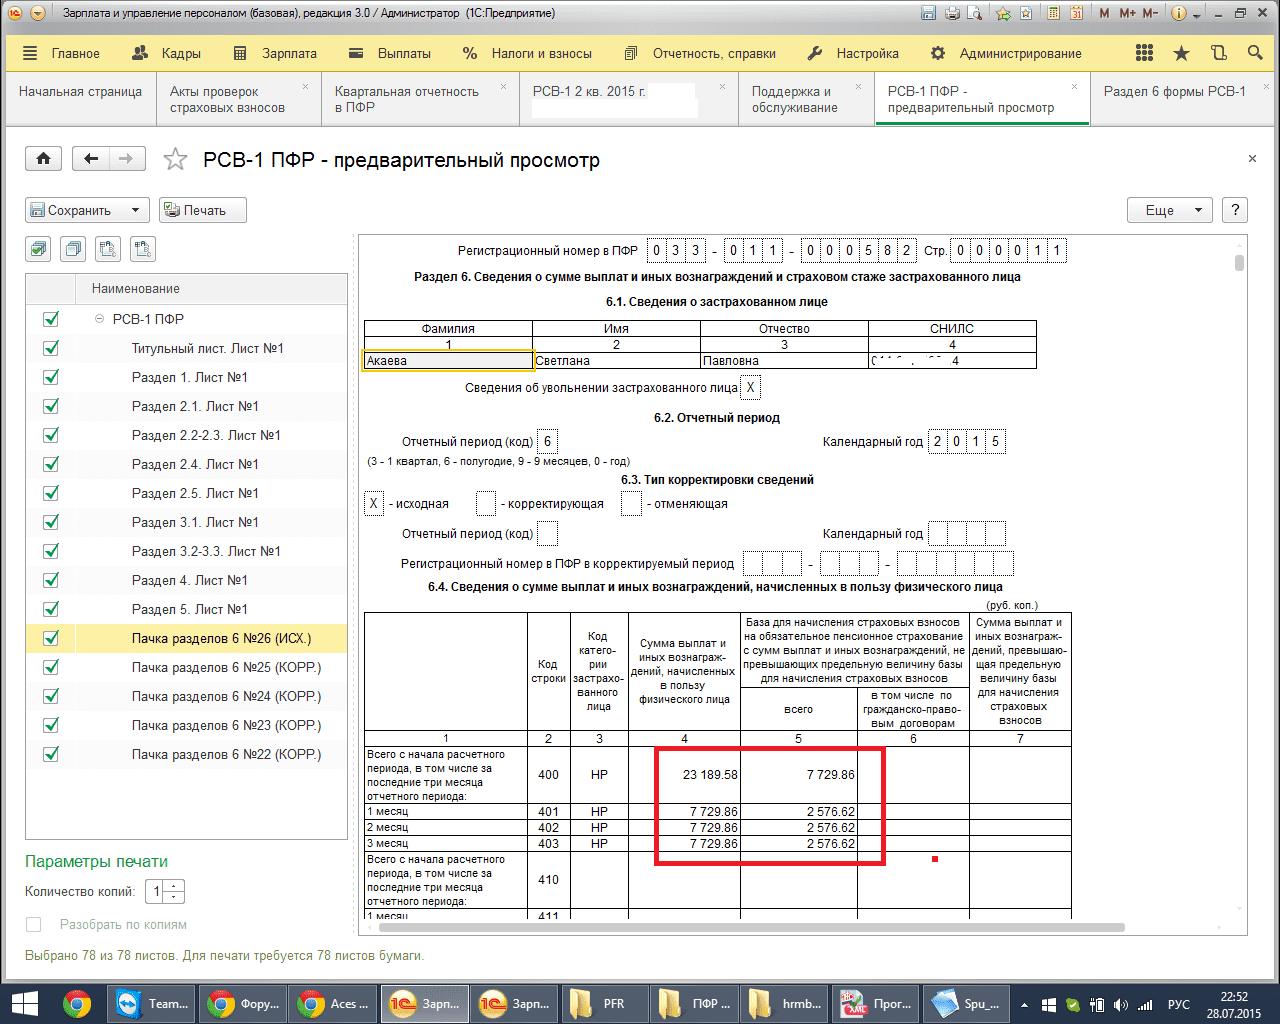 Как сделать корректировку в фсс 4